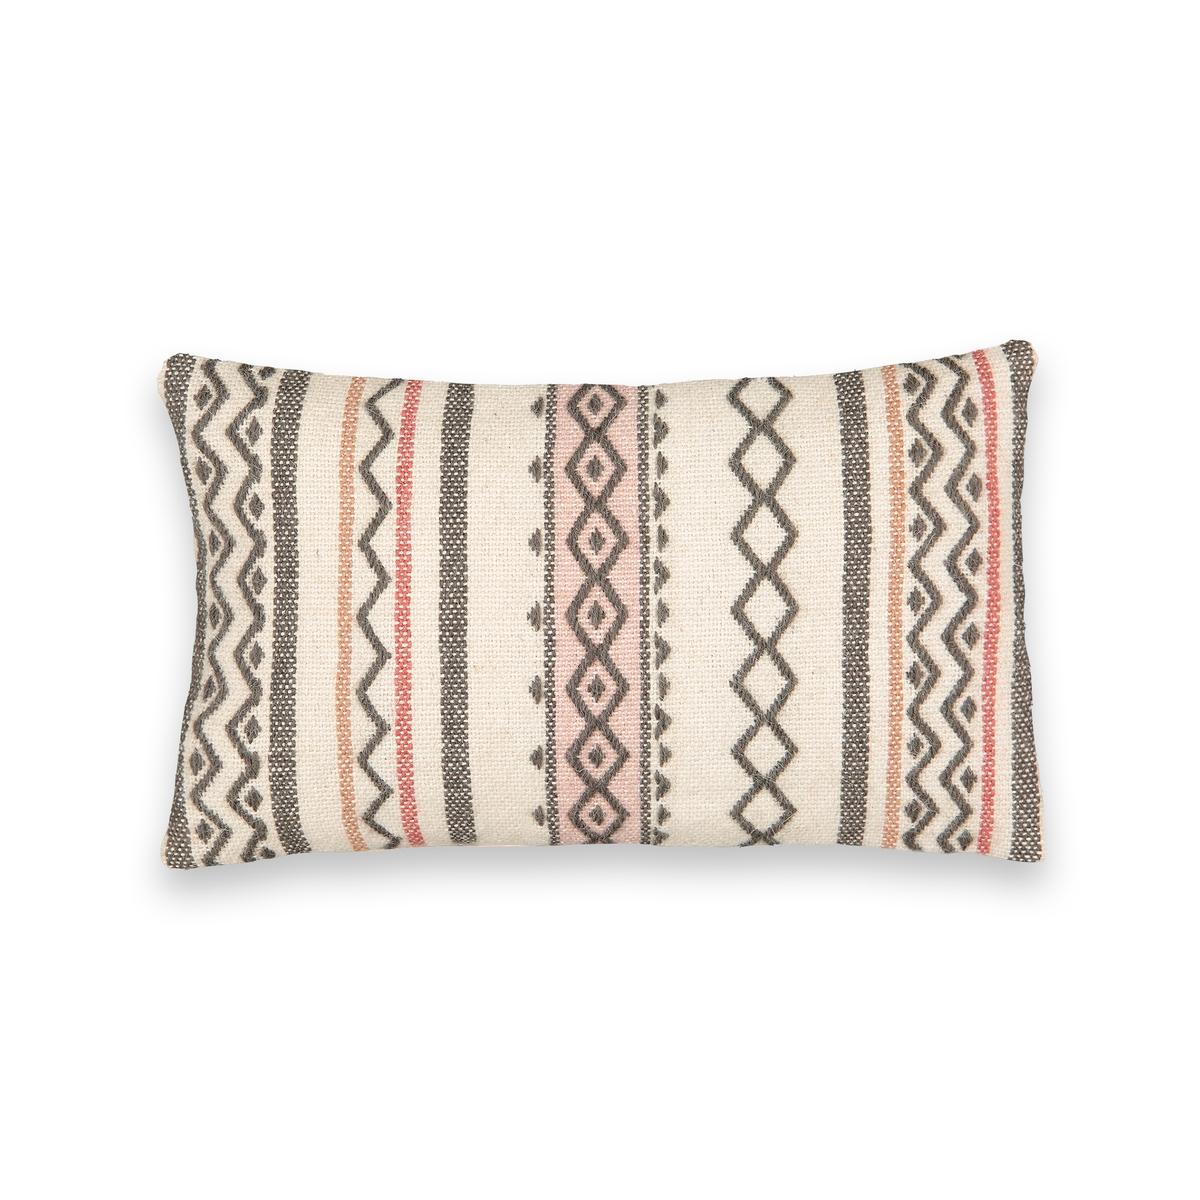 Чехол La Redoute На подушку-валик в берберском стиле Rubace 50 x 30 см бежевый наволочка la redoute flooch 50 x 30 см бежевый